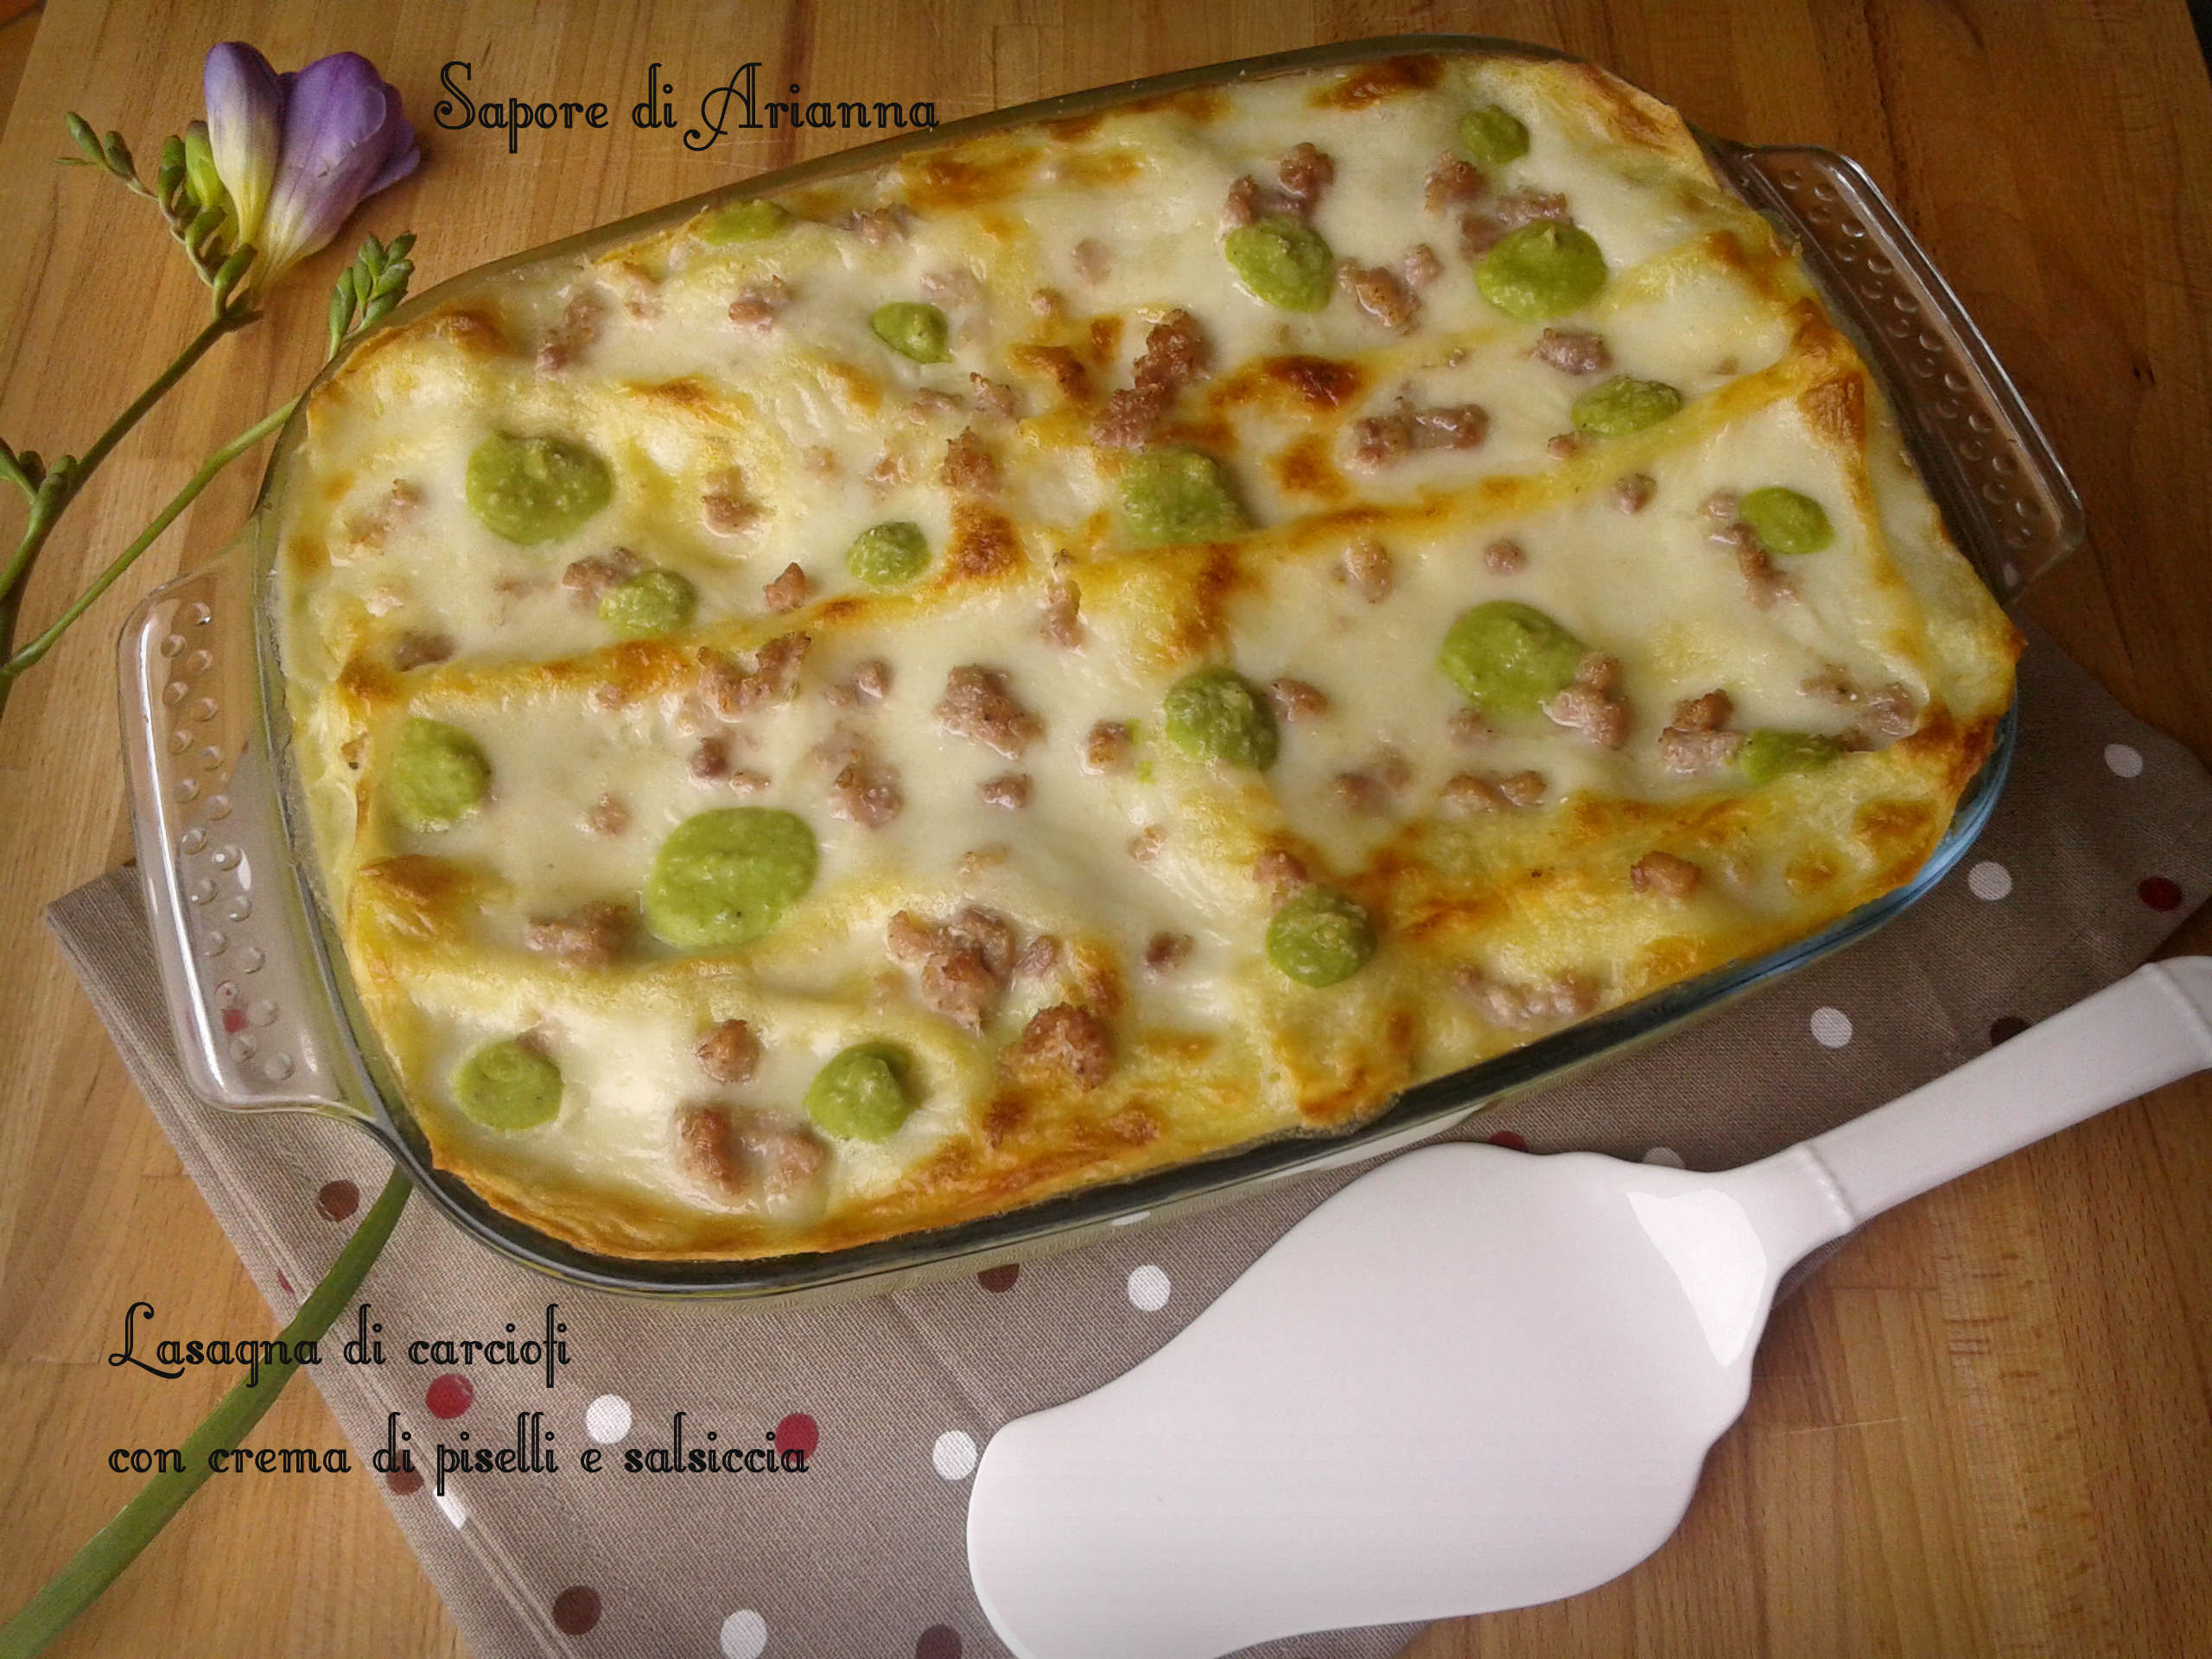 lasagna di carciofi con crema di piselli e salsiccia